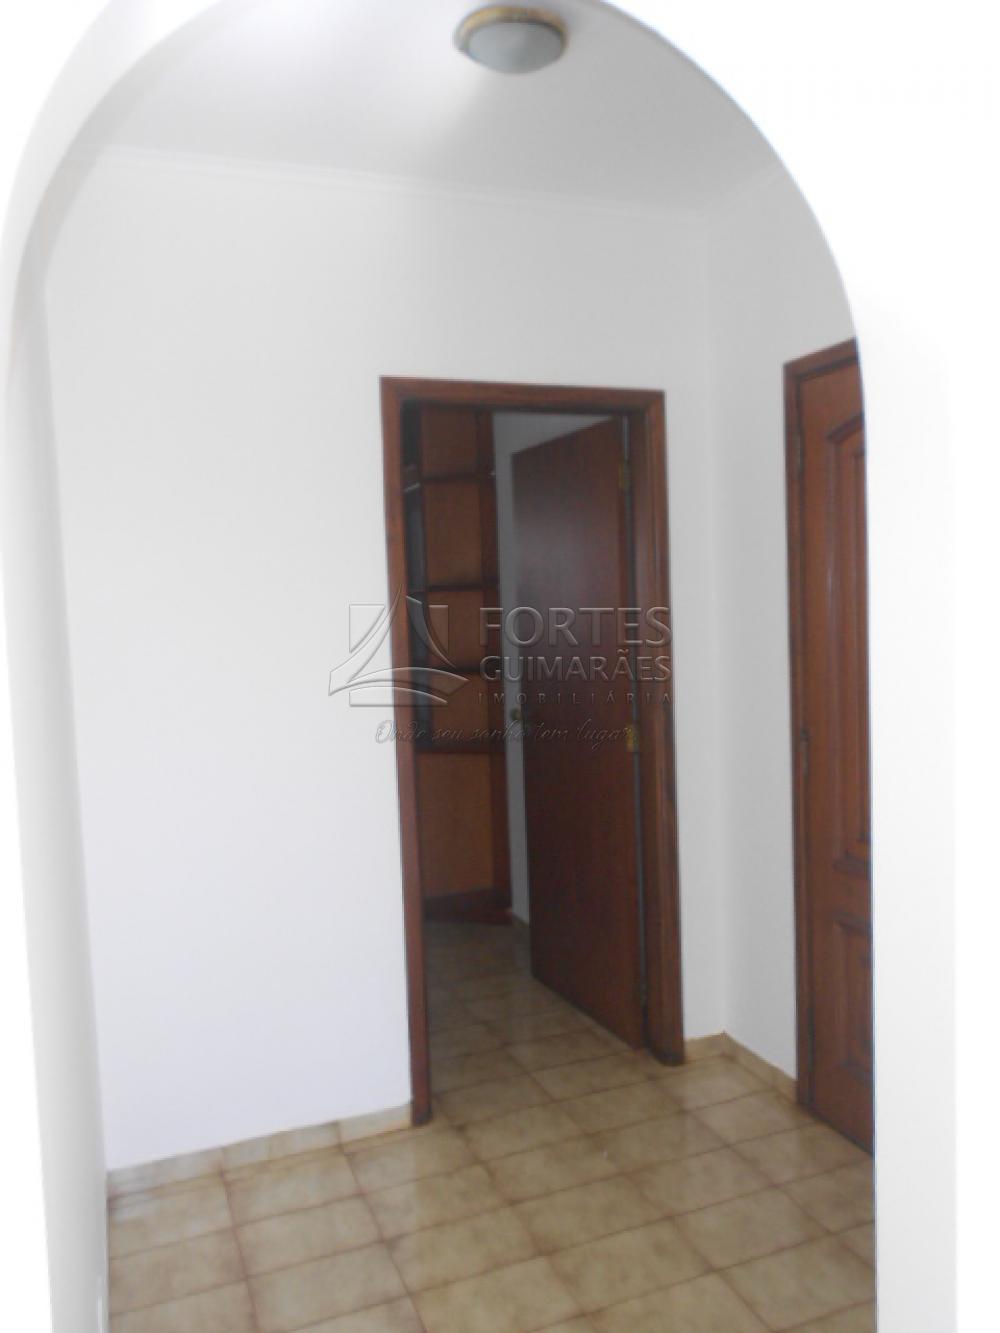 Alugar Apartamentos / Padrão em Ribeirão Preto apenas R$ 1.250,00 - Foto 3